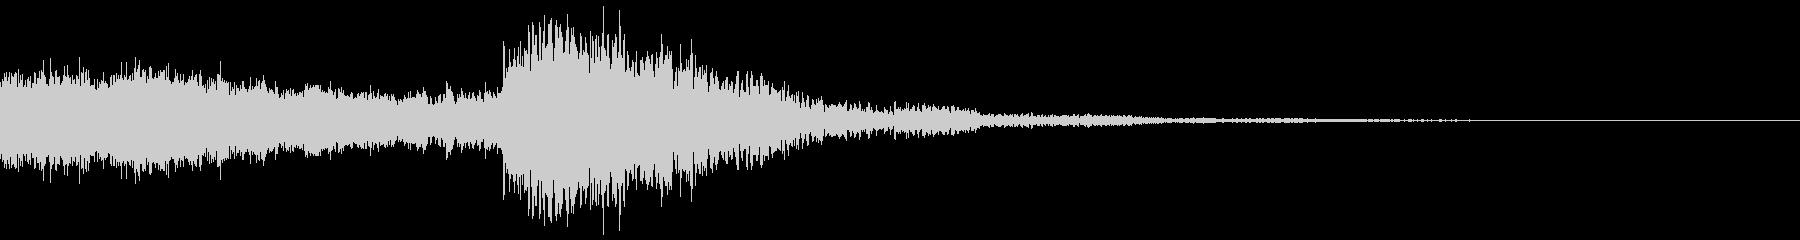 太鼓と尺八の和風インパクトジングル!14の未再生の波形